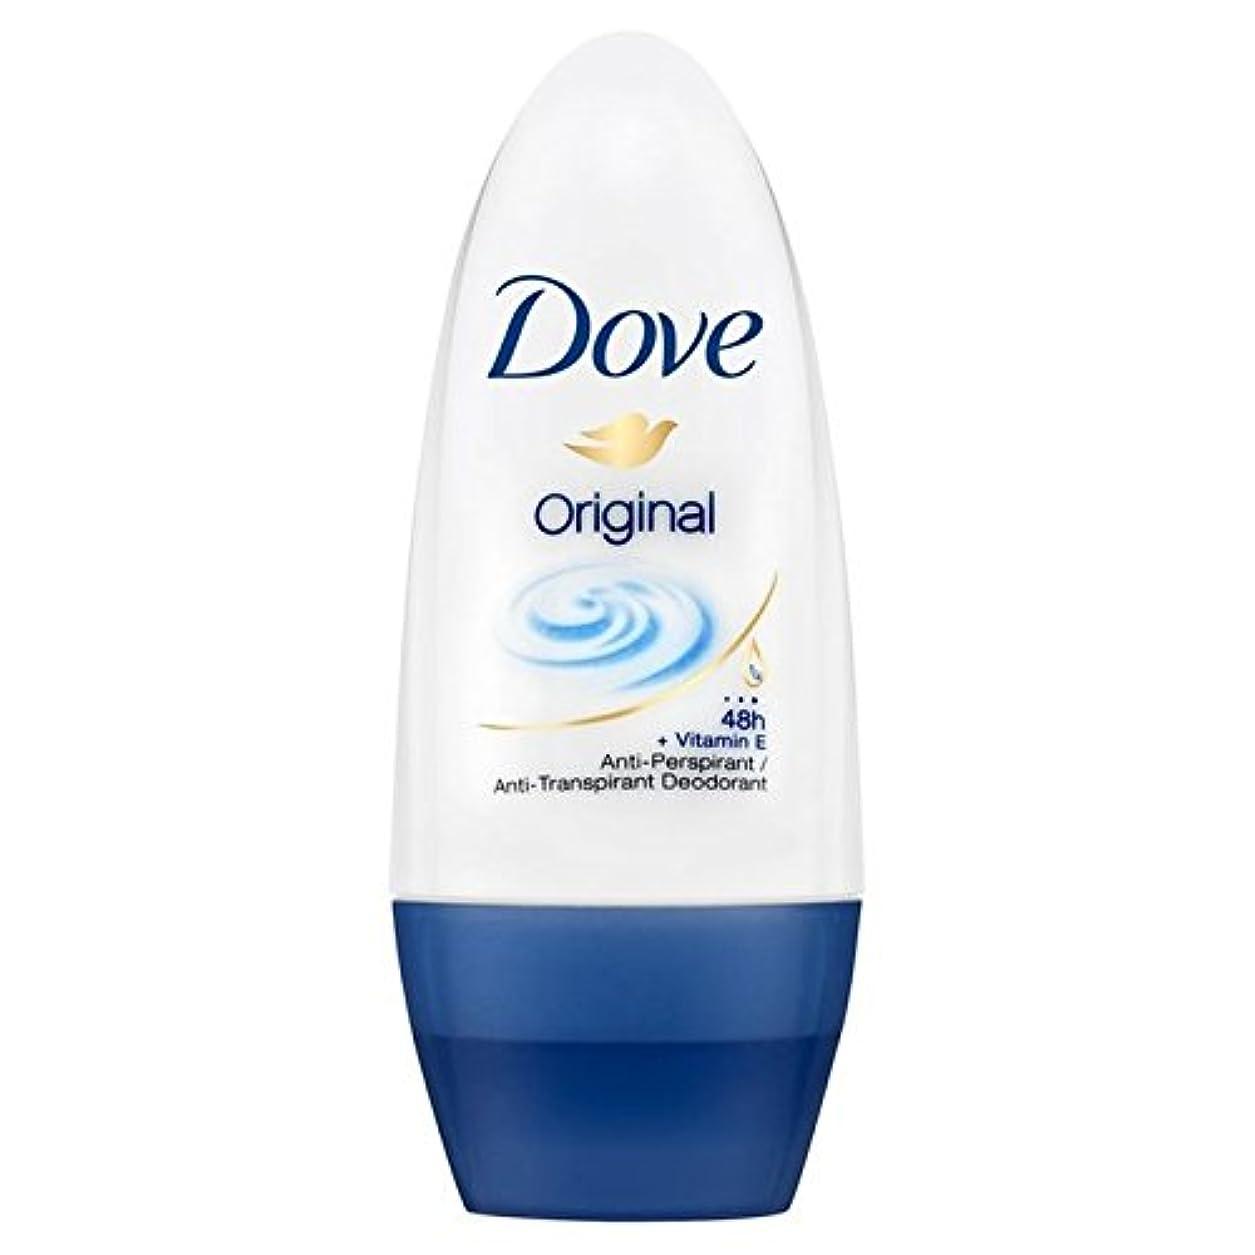 認証取り扱い忘れっぽい鳩のオリジナルロールオン制汗デオドラント50ミリリットル x2 - Dove Original Roll-On Anti-Perspirant Deodorant 50ml (Pack of 2) [並行輸入品]